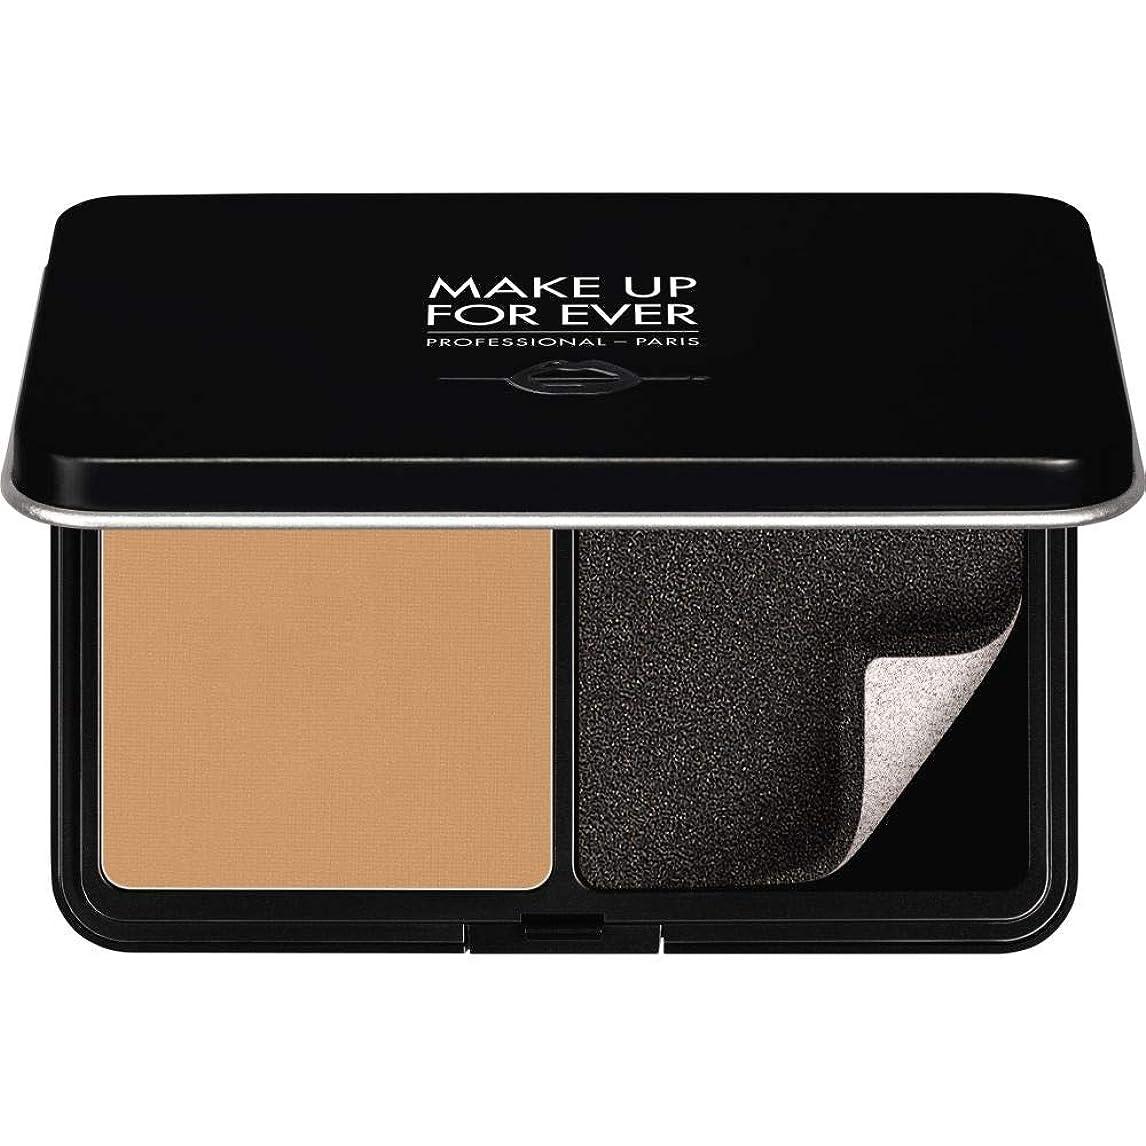 永遠に好色な締める[MAKE UP FOR EVER ] パウダーファンデーション11GののY365をぼかし、これまでマットベルベットの肌を補う - 砂漠 - MAKE UP FOR EVER Matte Velvet Skin Blurring Powder Foundation 11g Y365 - Desert [並行輸入品]